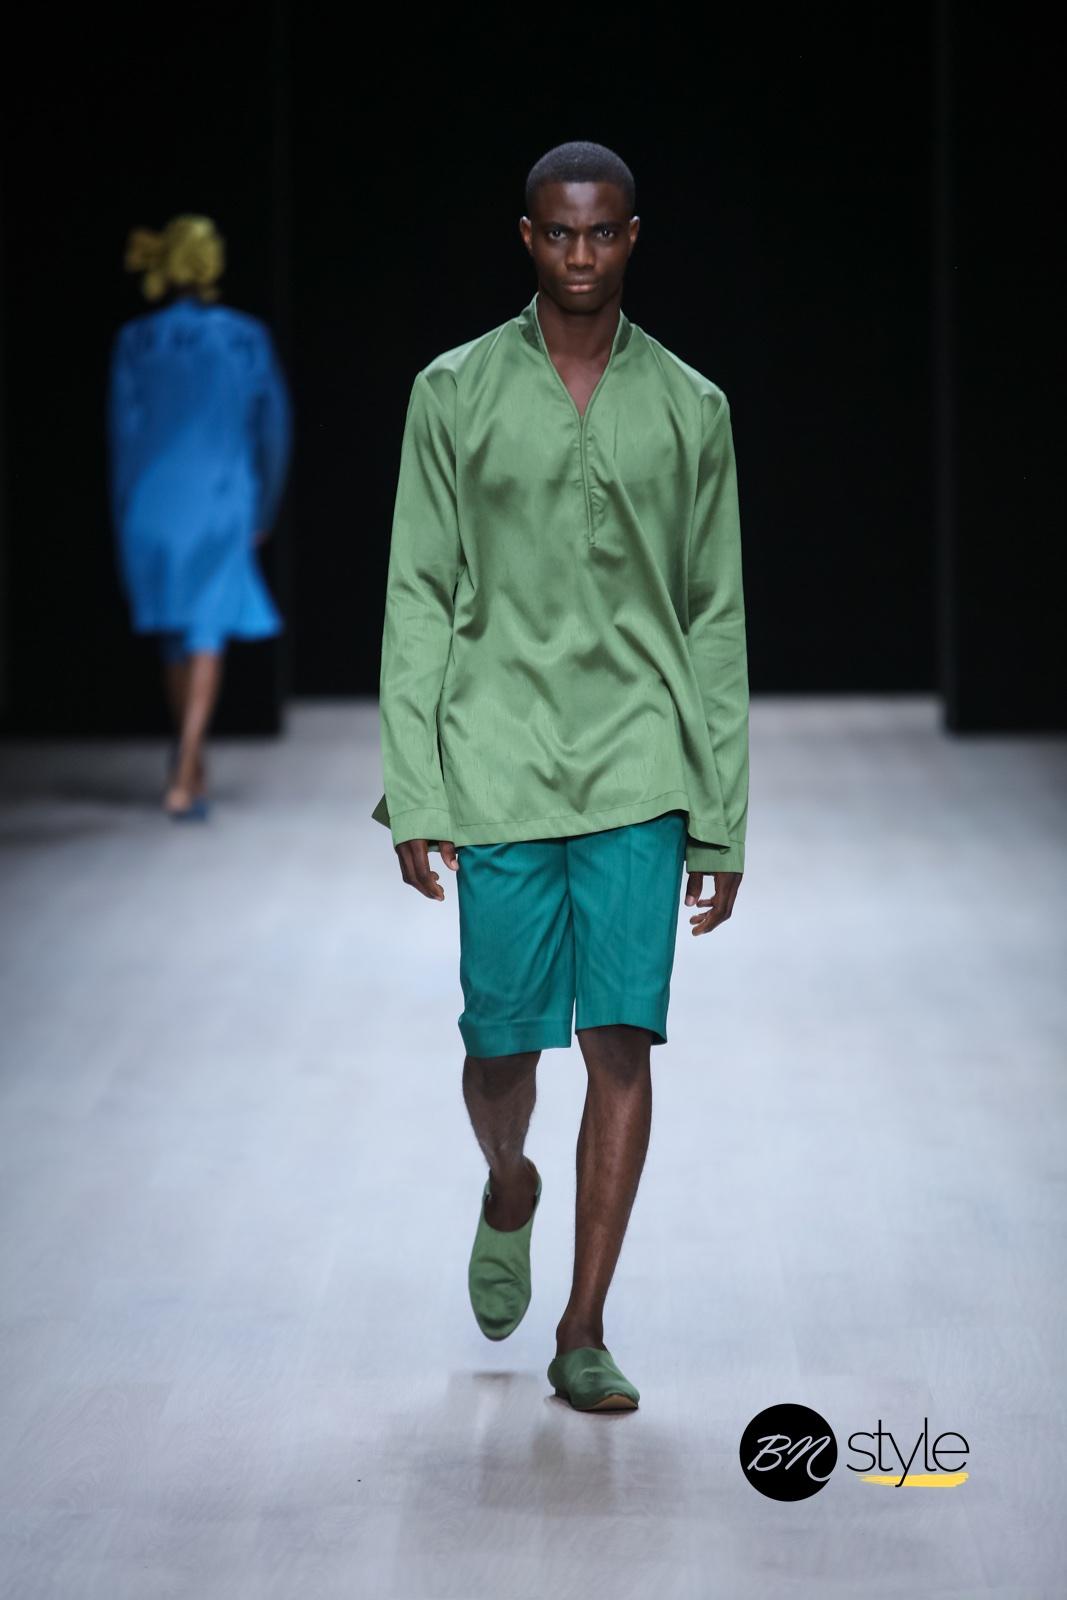 ARISE Fashion Week 2019 | Turfah